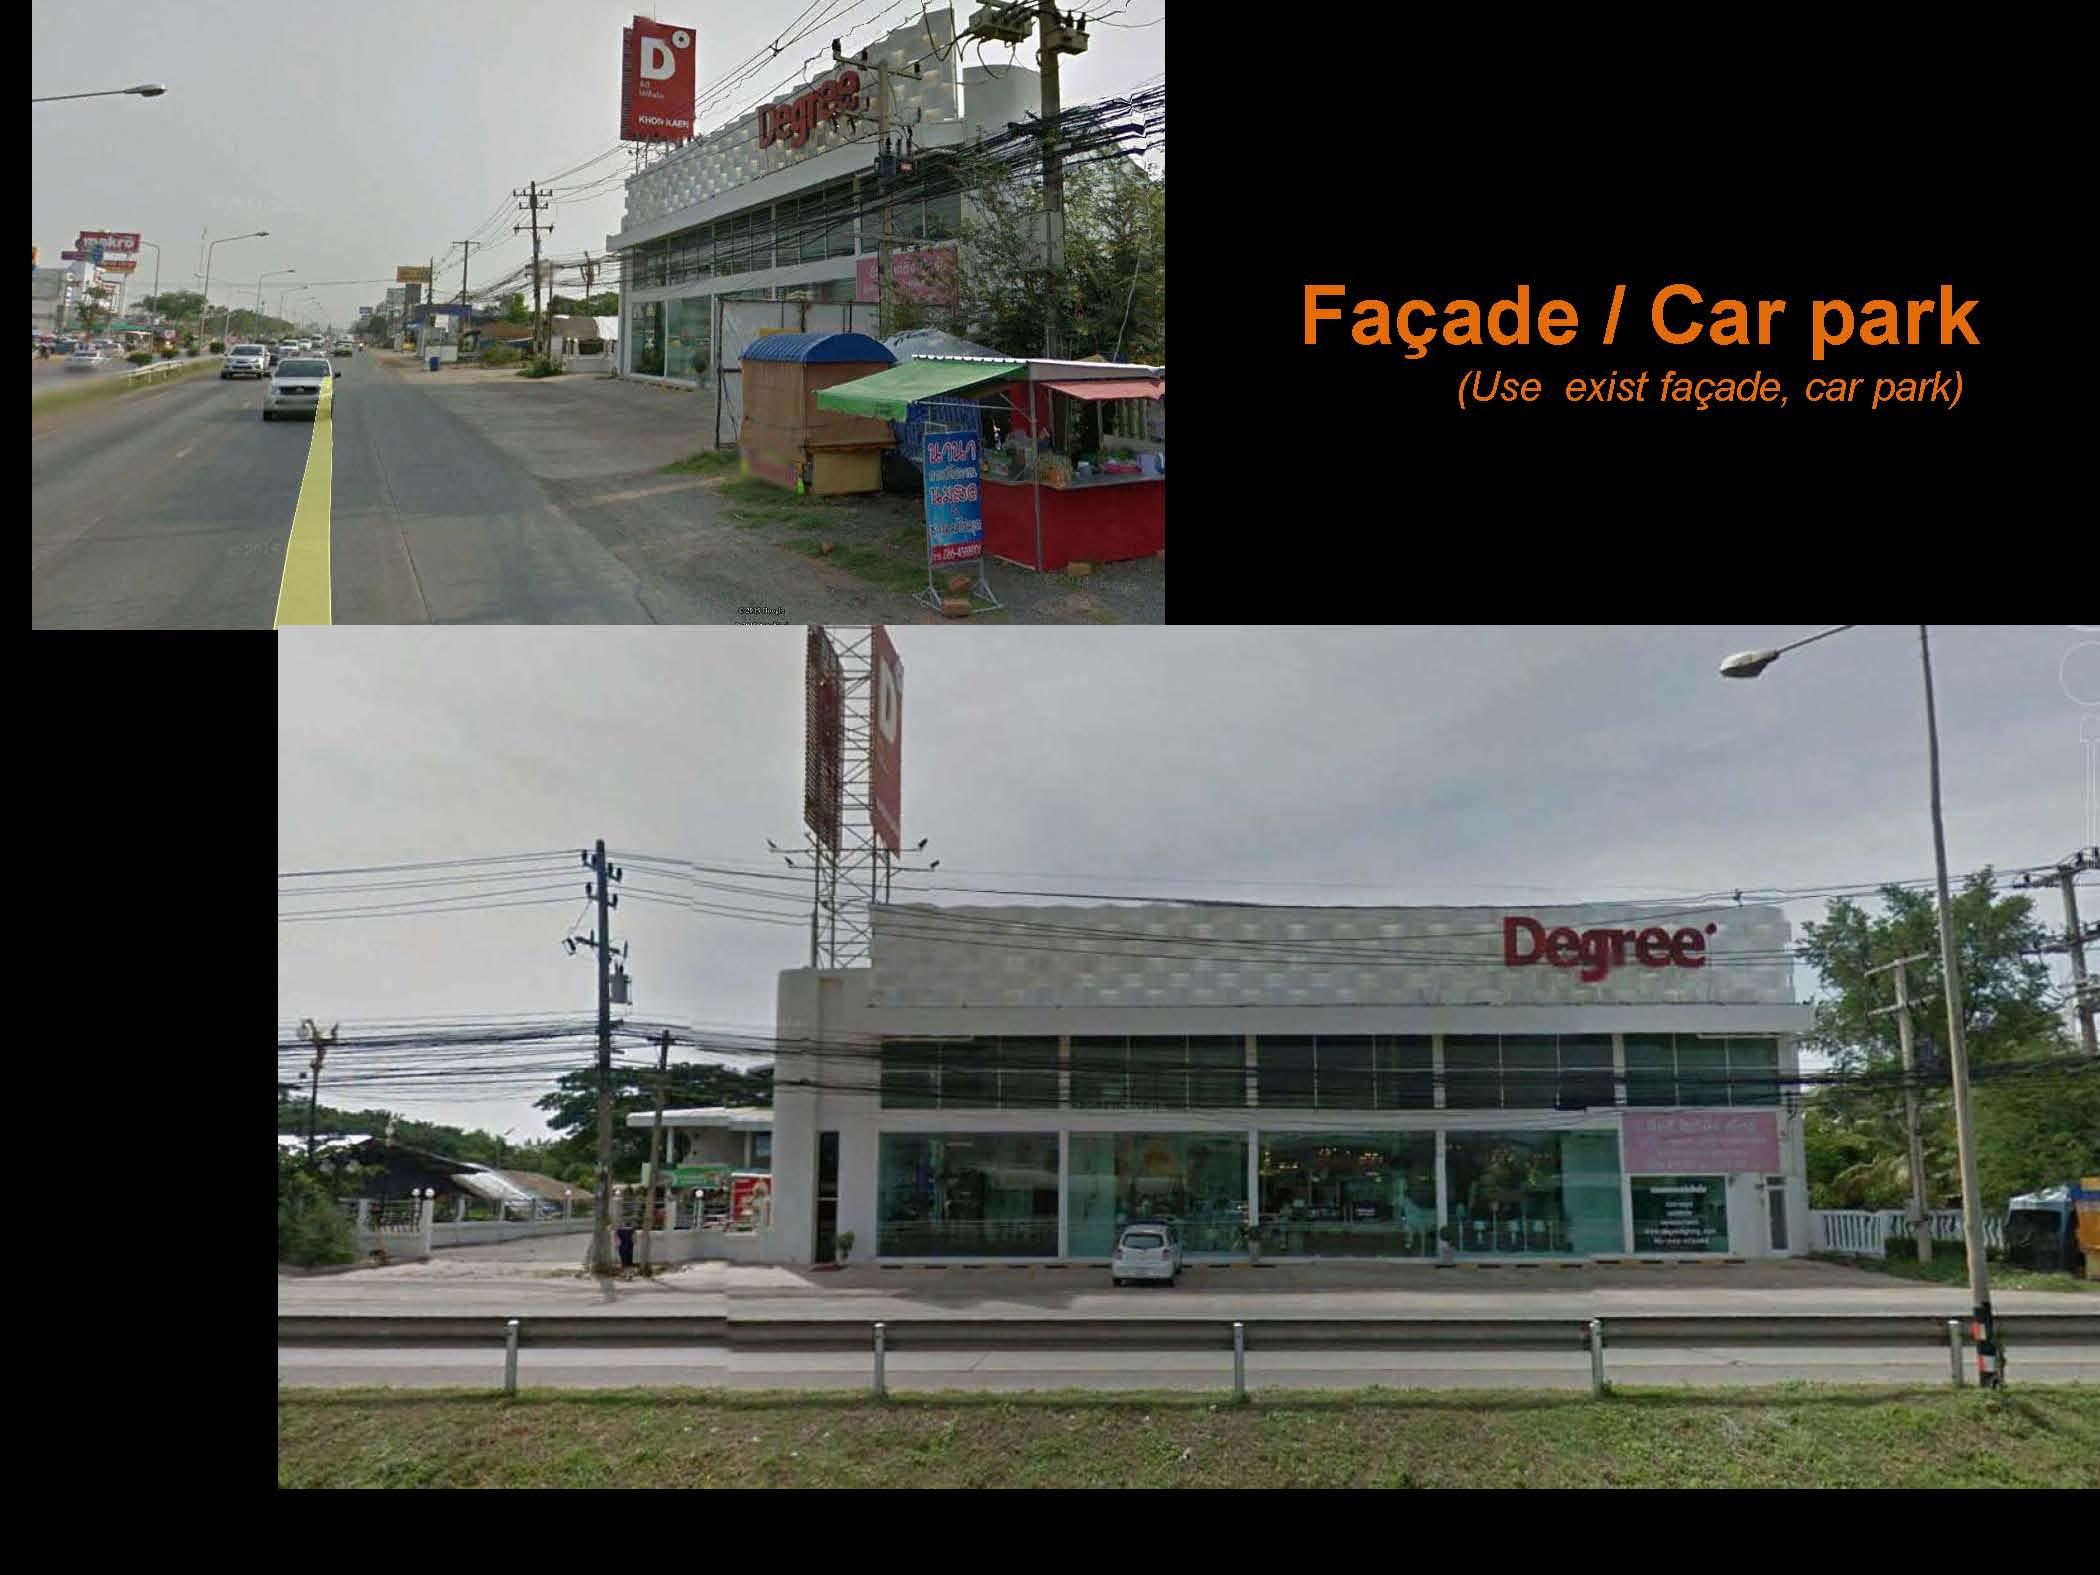 Existing_Facade, car park